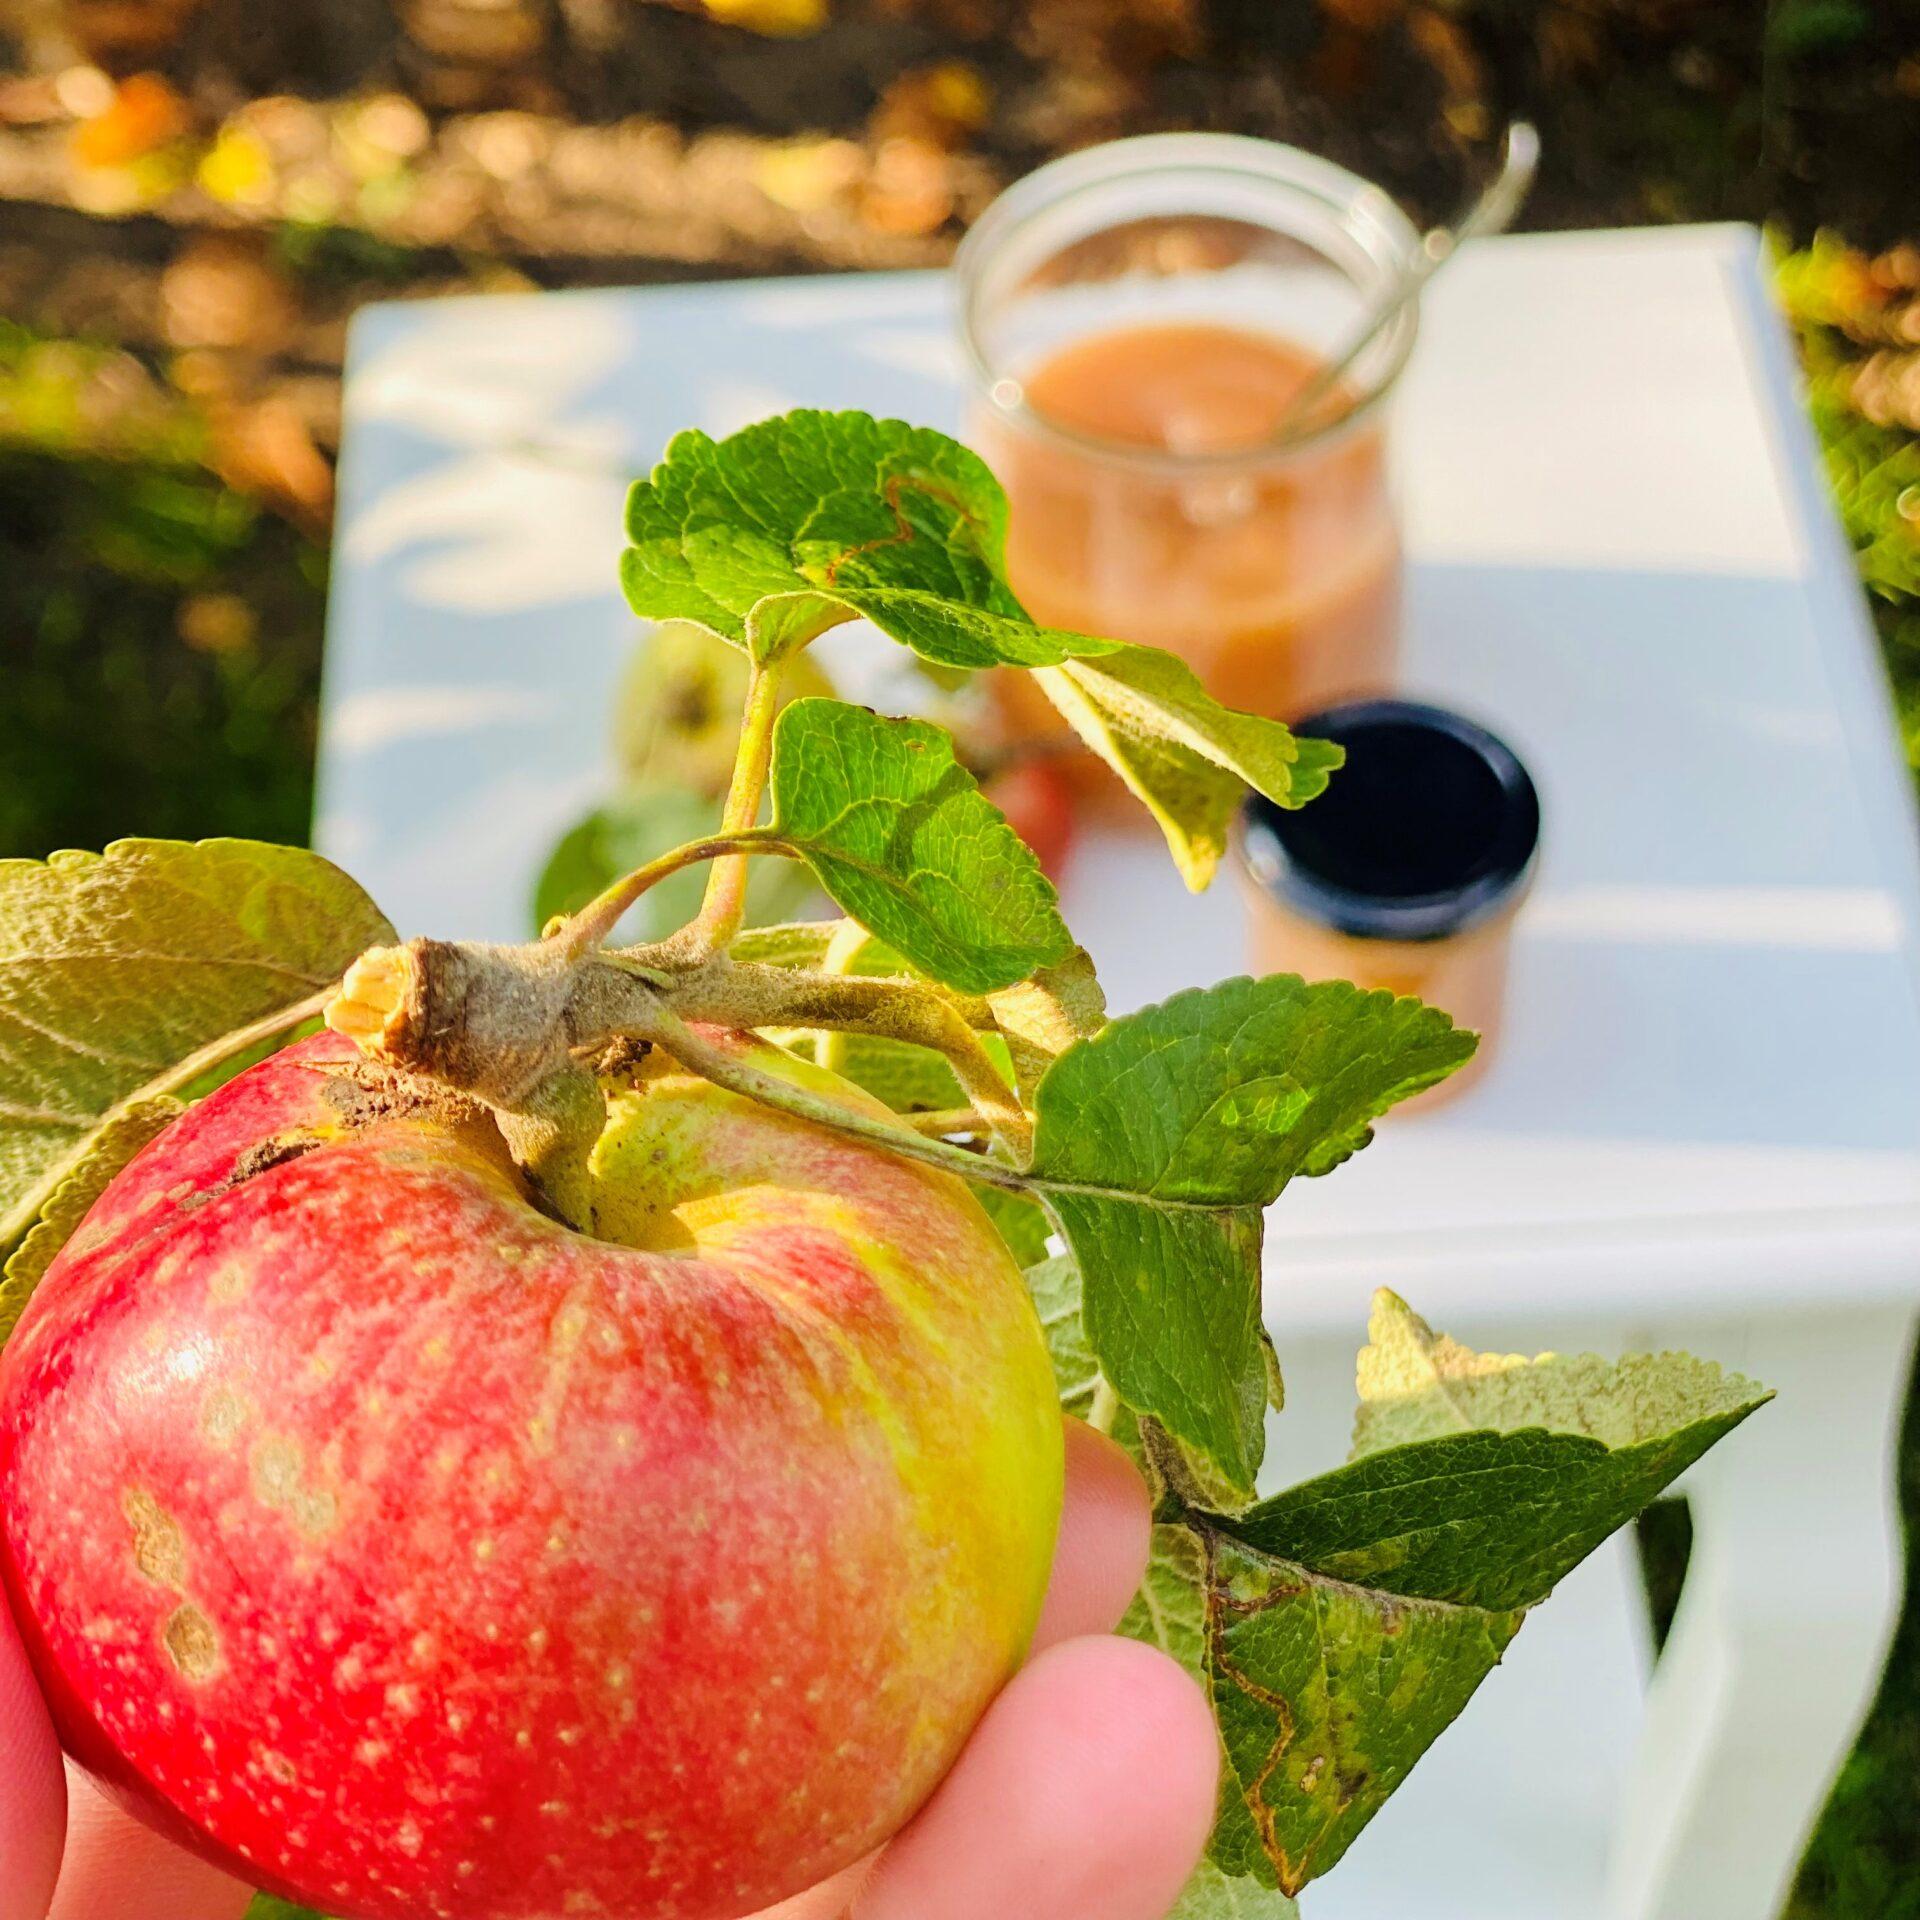 Ein roter Apfel im Vordergrund, Apfelmark auf einem kleinen Tisch im Hintergrund.